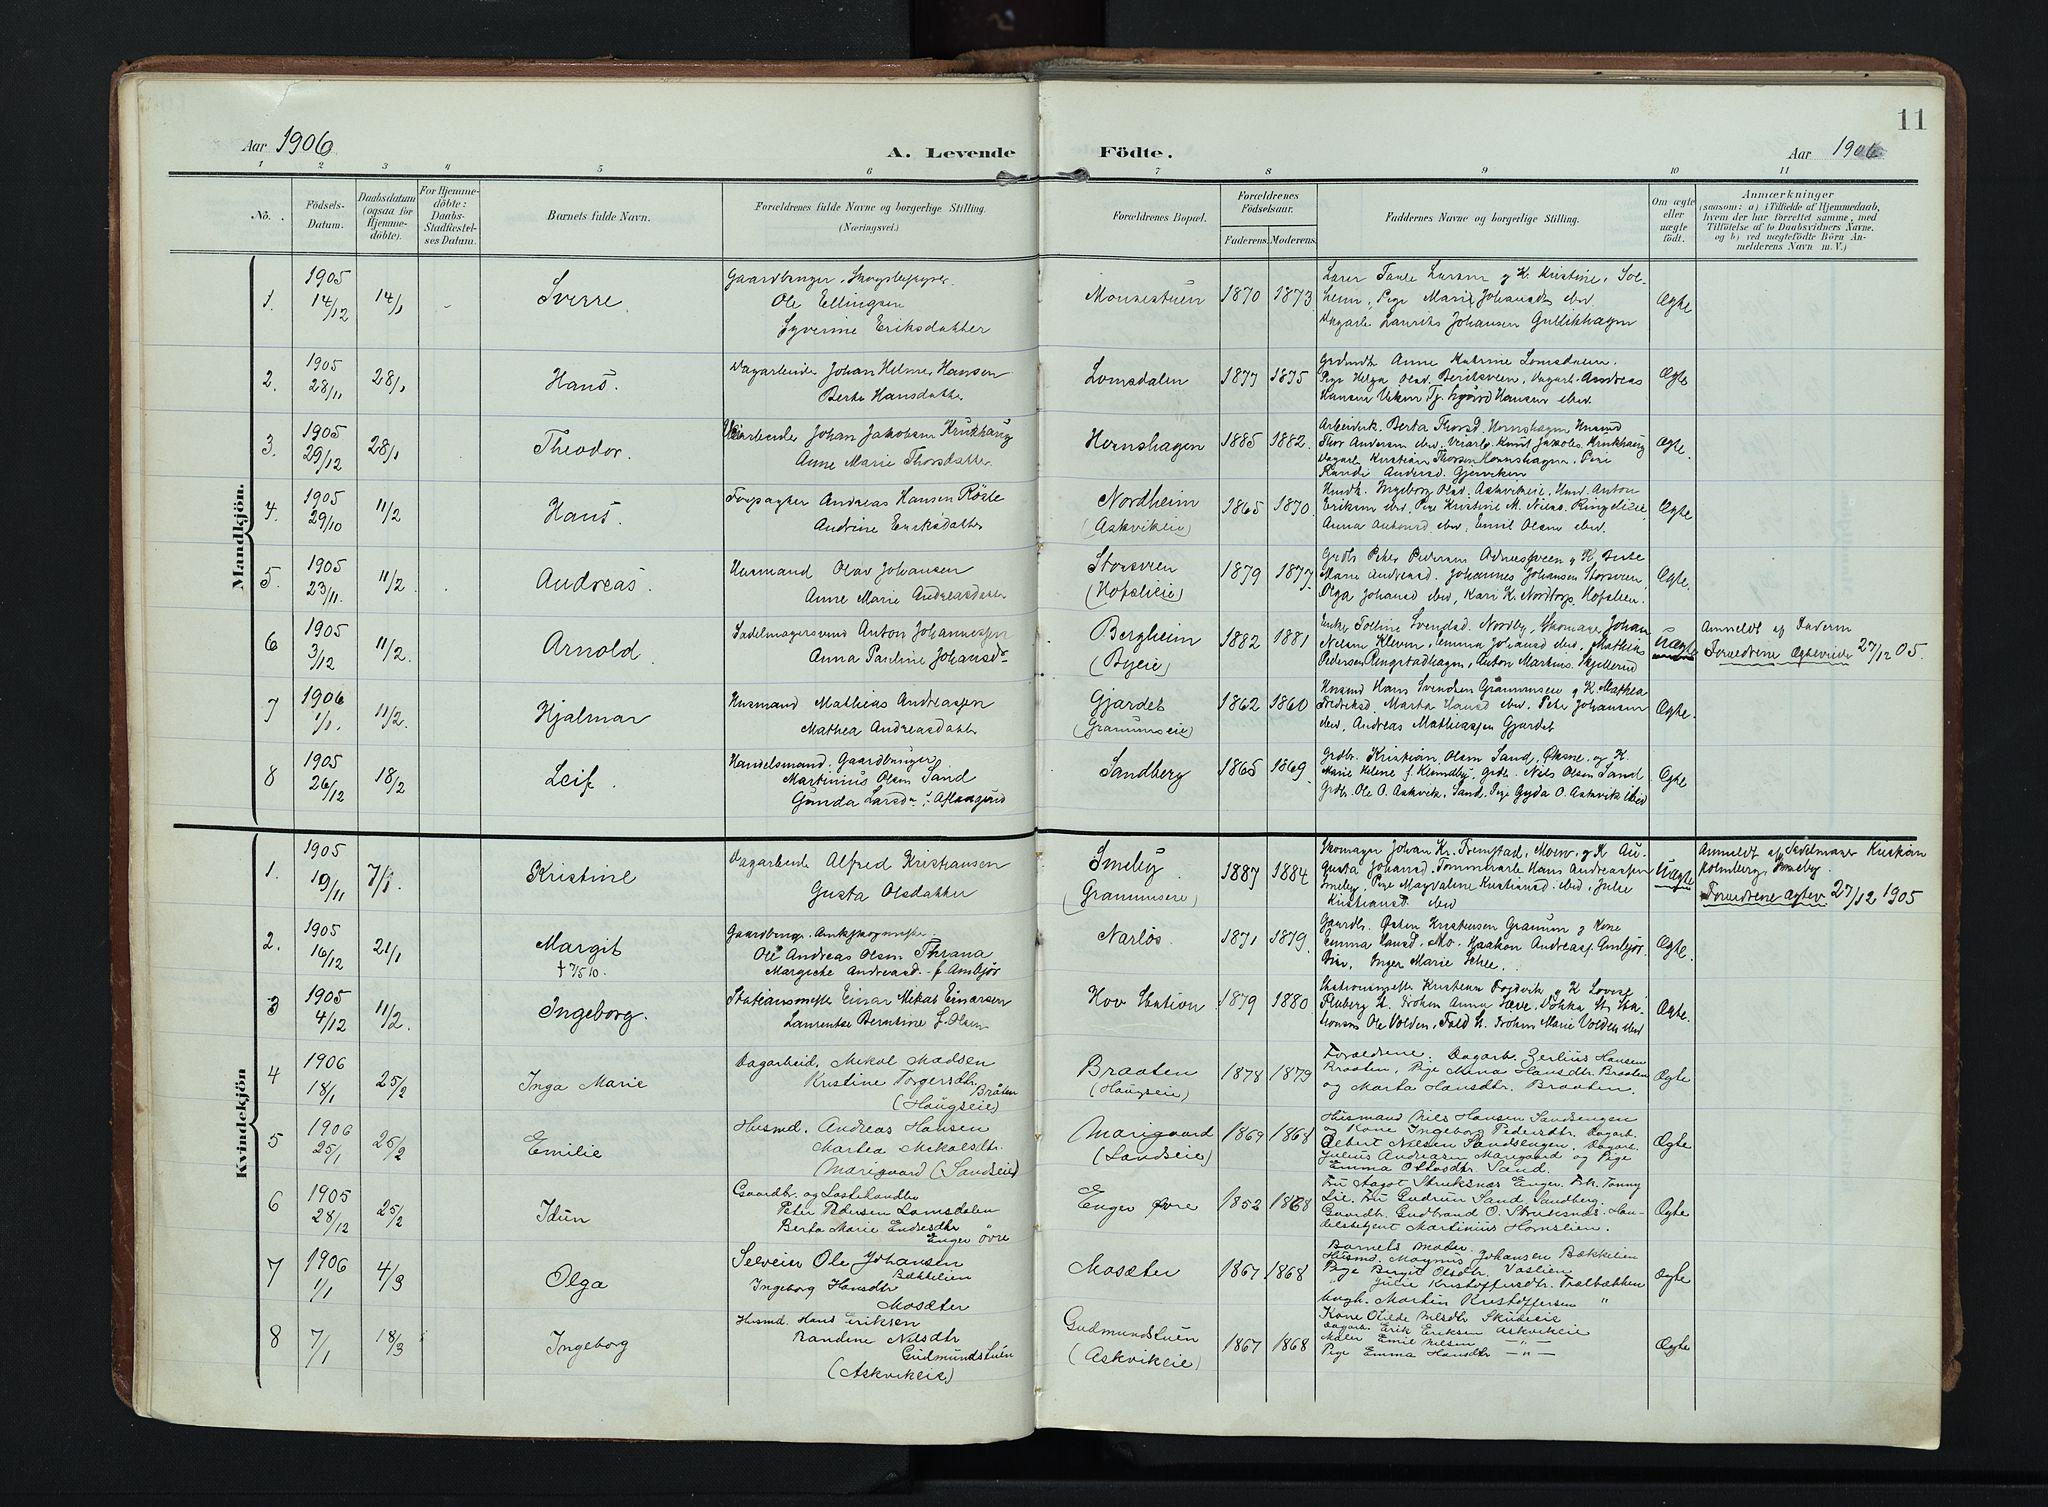 SAH, Søndre Land prestekontor, K/L0007: Ministerialbok nr. 7, 1905-1914, s. 11